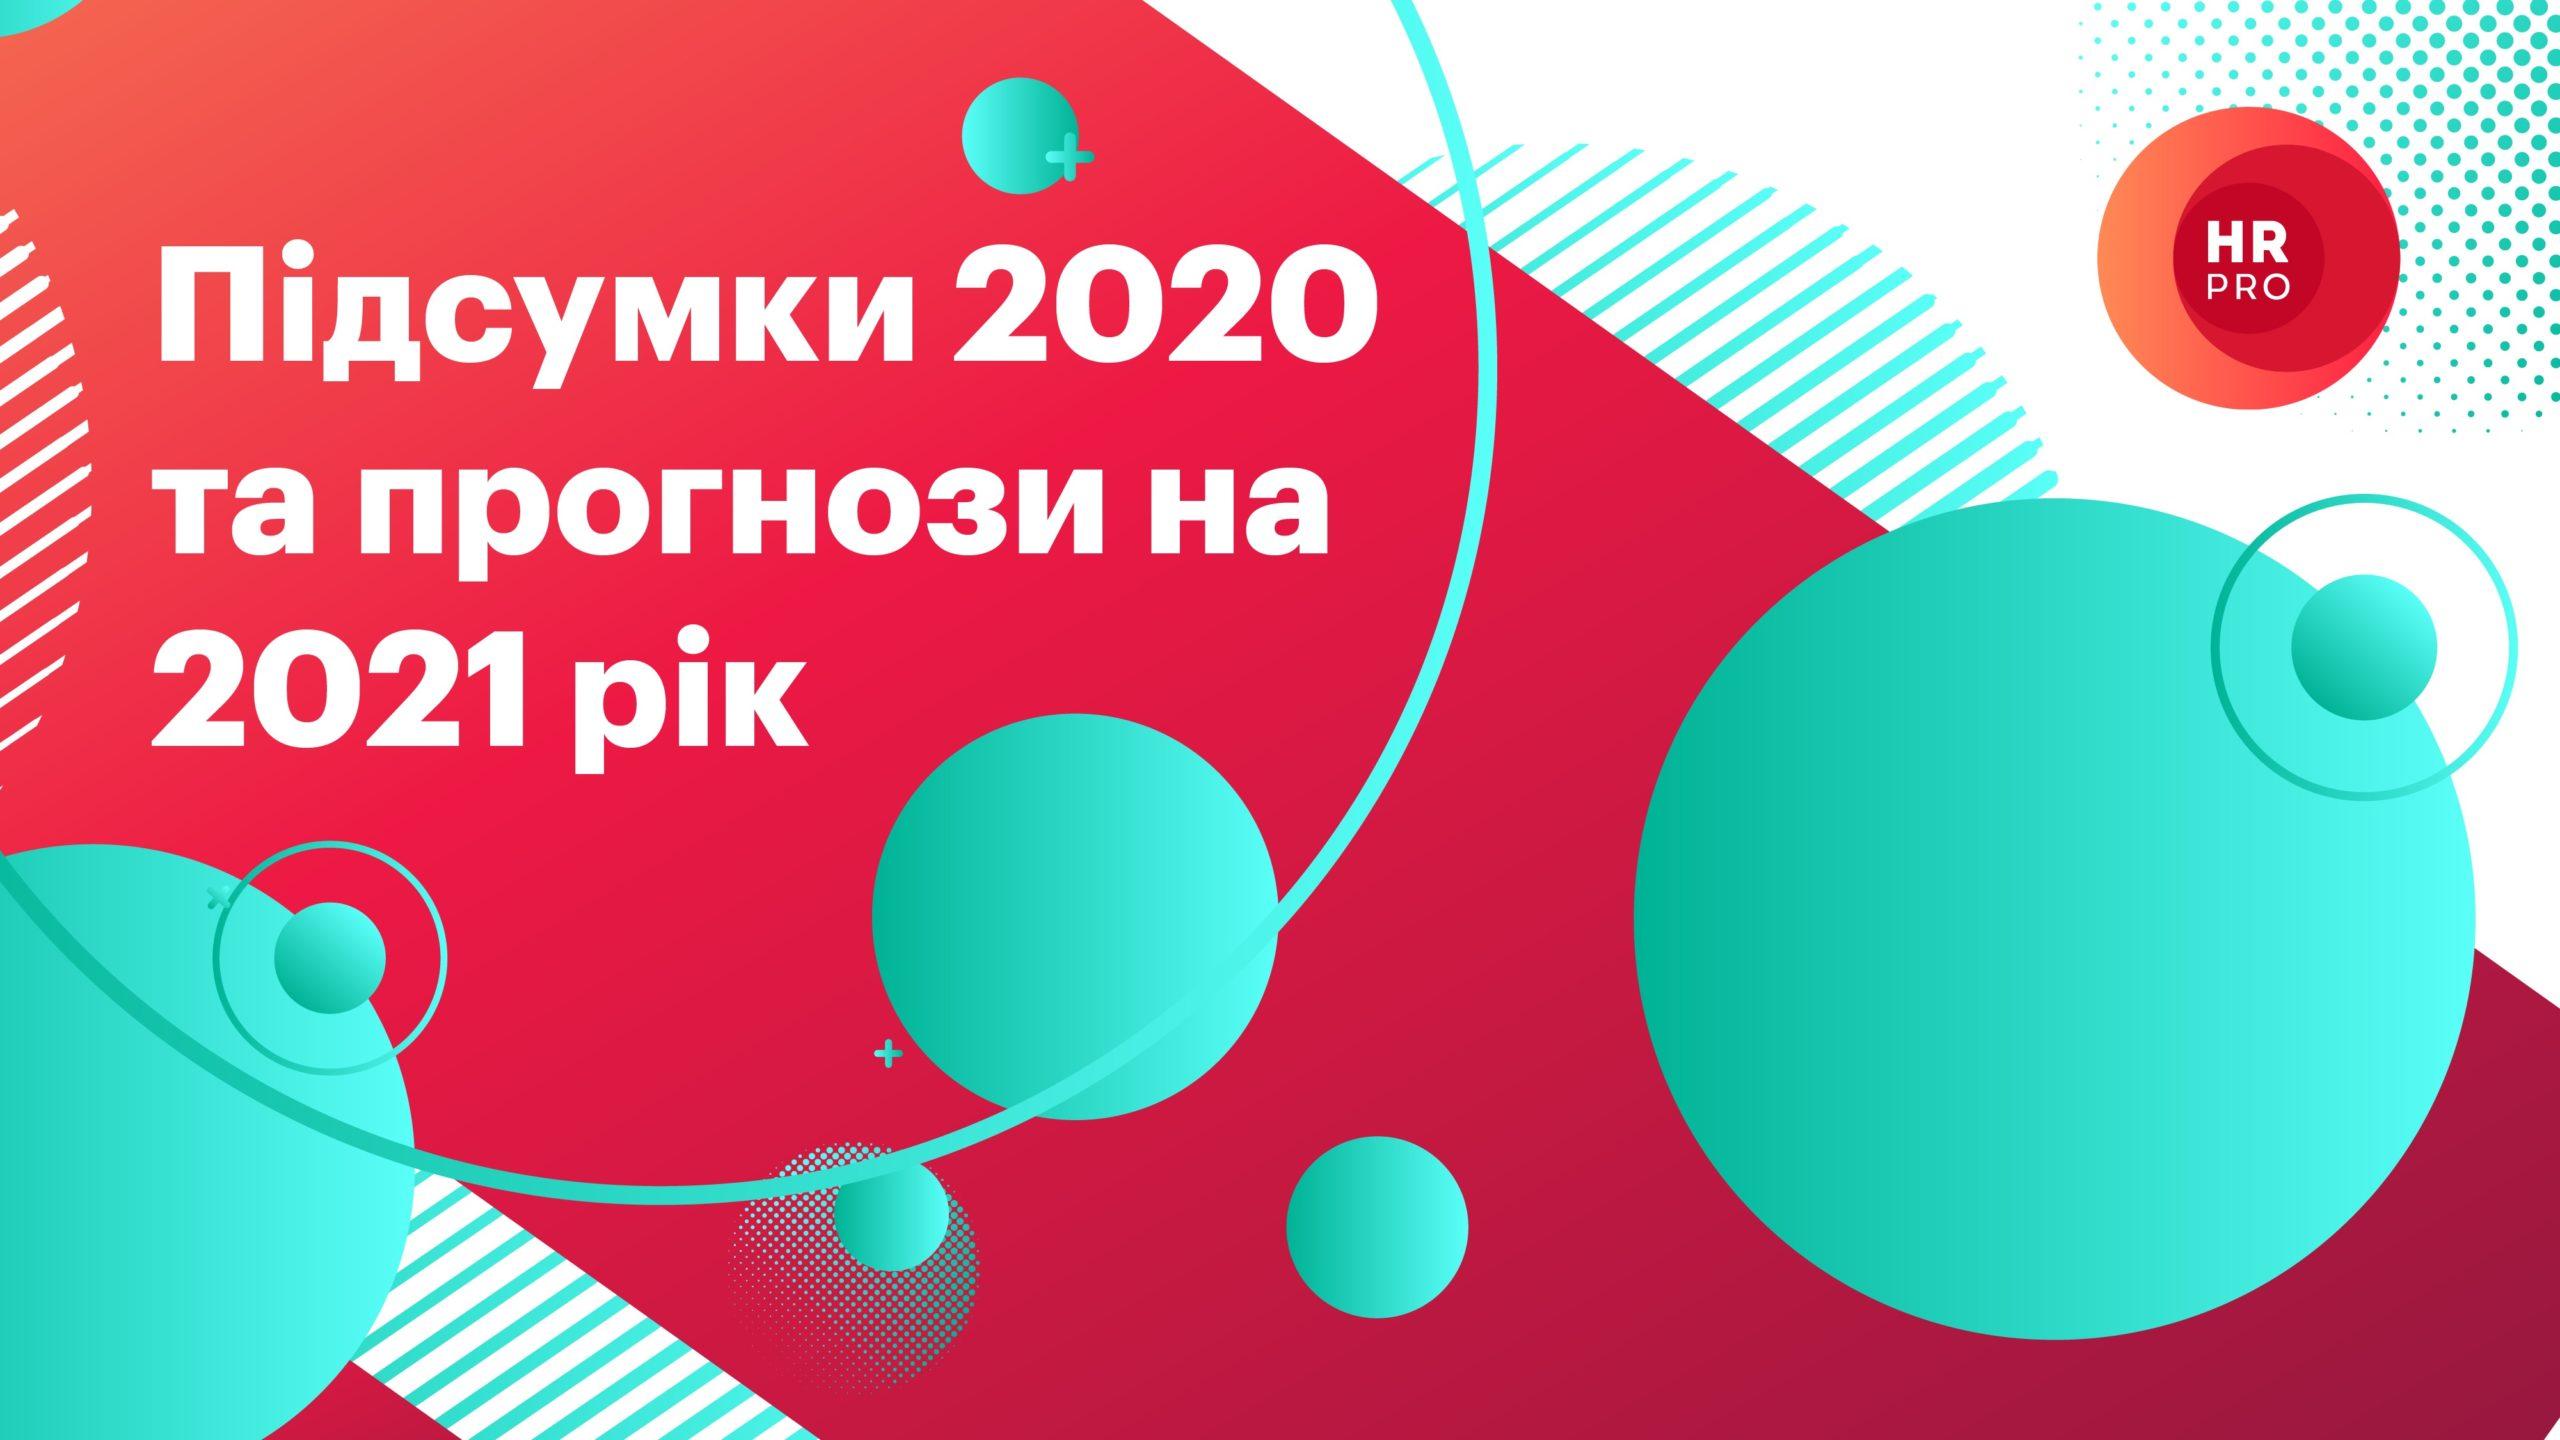 Пiдсумки 2020 та прогнози на 2021 рiк